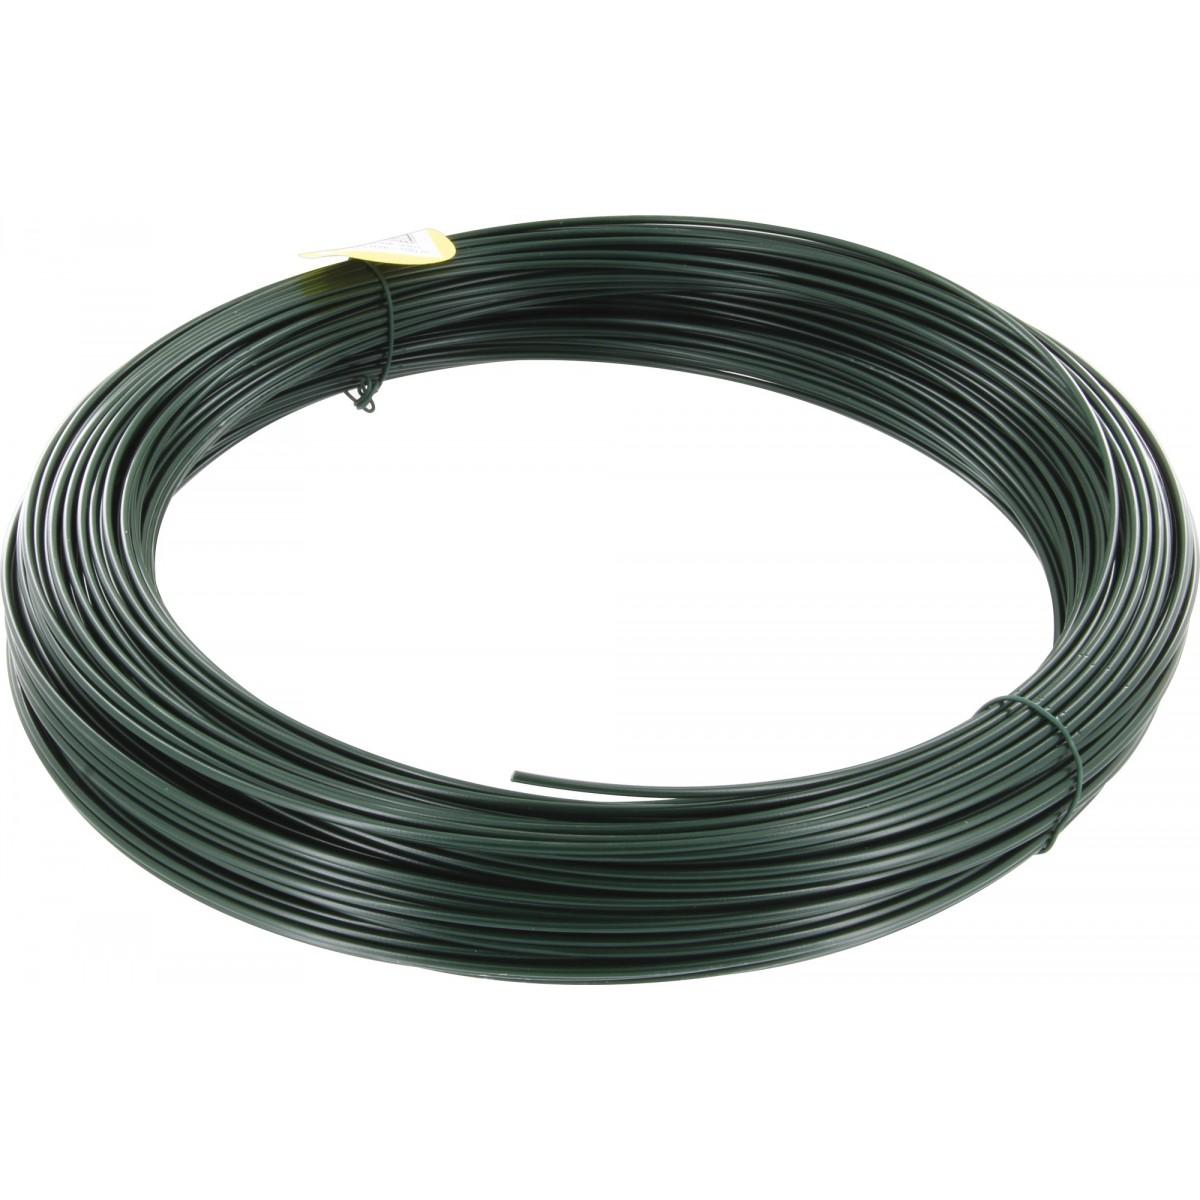 Fil de tension galvanisé plastifié Filiac - Longueur 100 m - Diamètre 2,75 mm - Vert